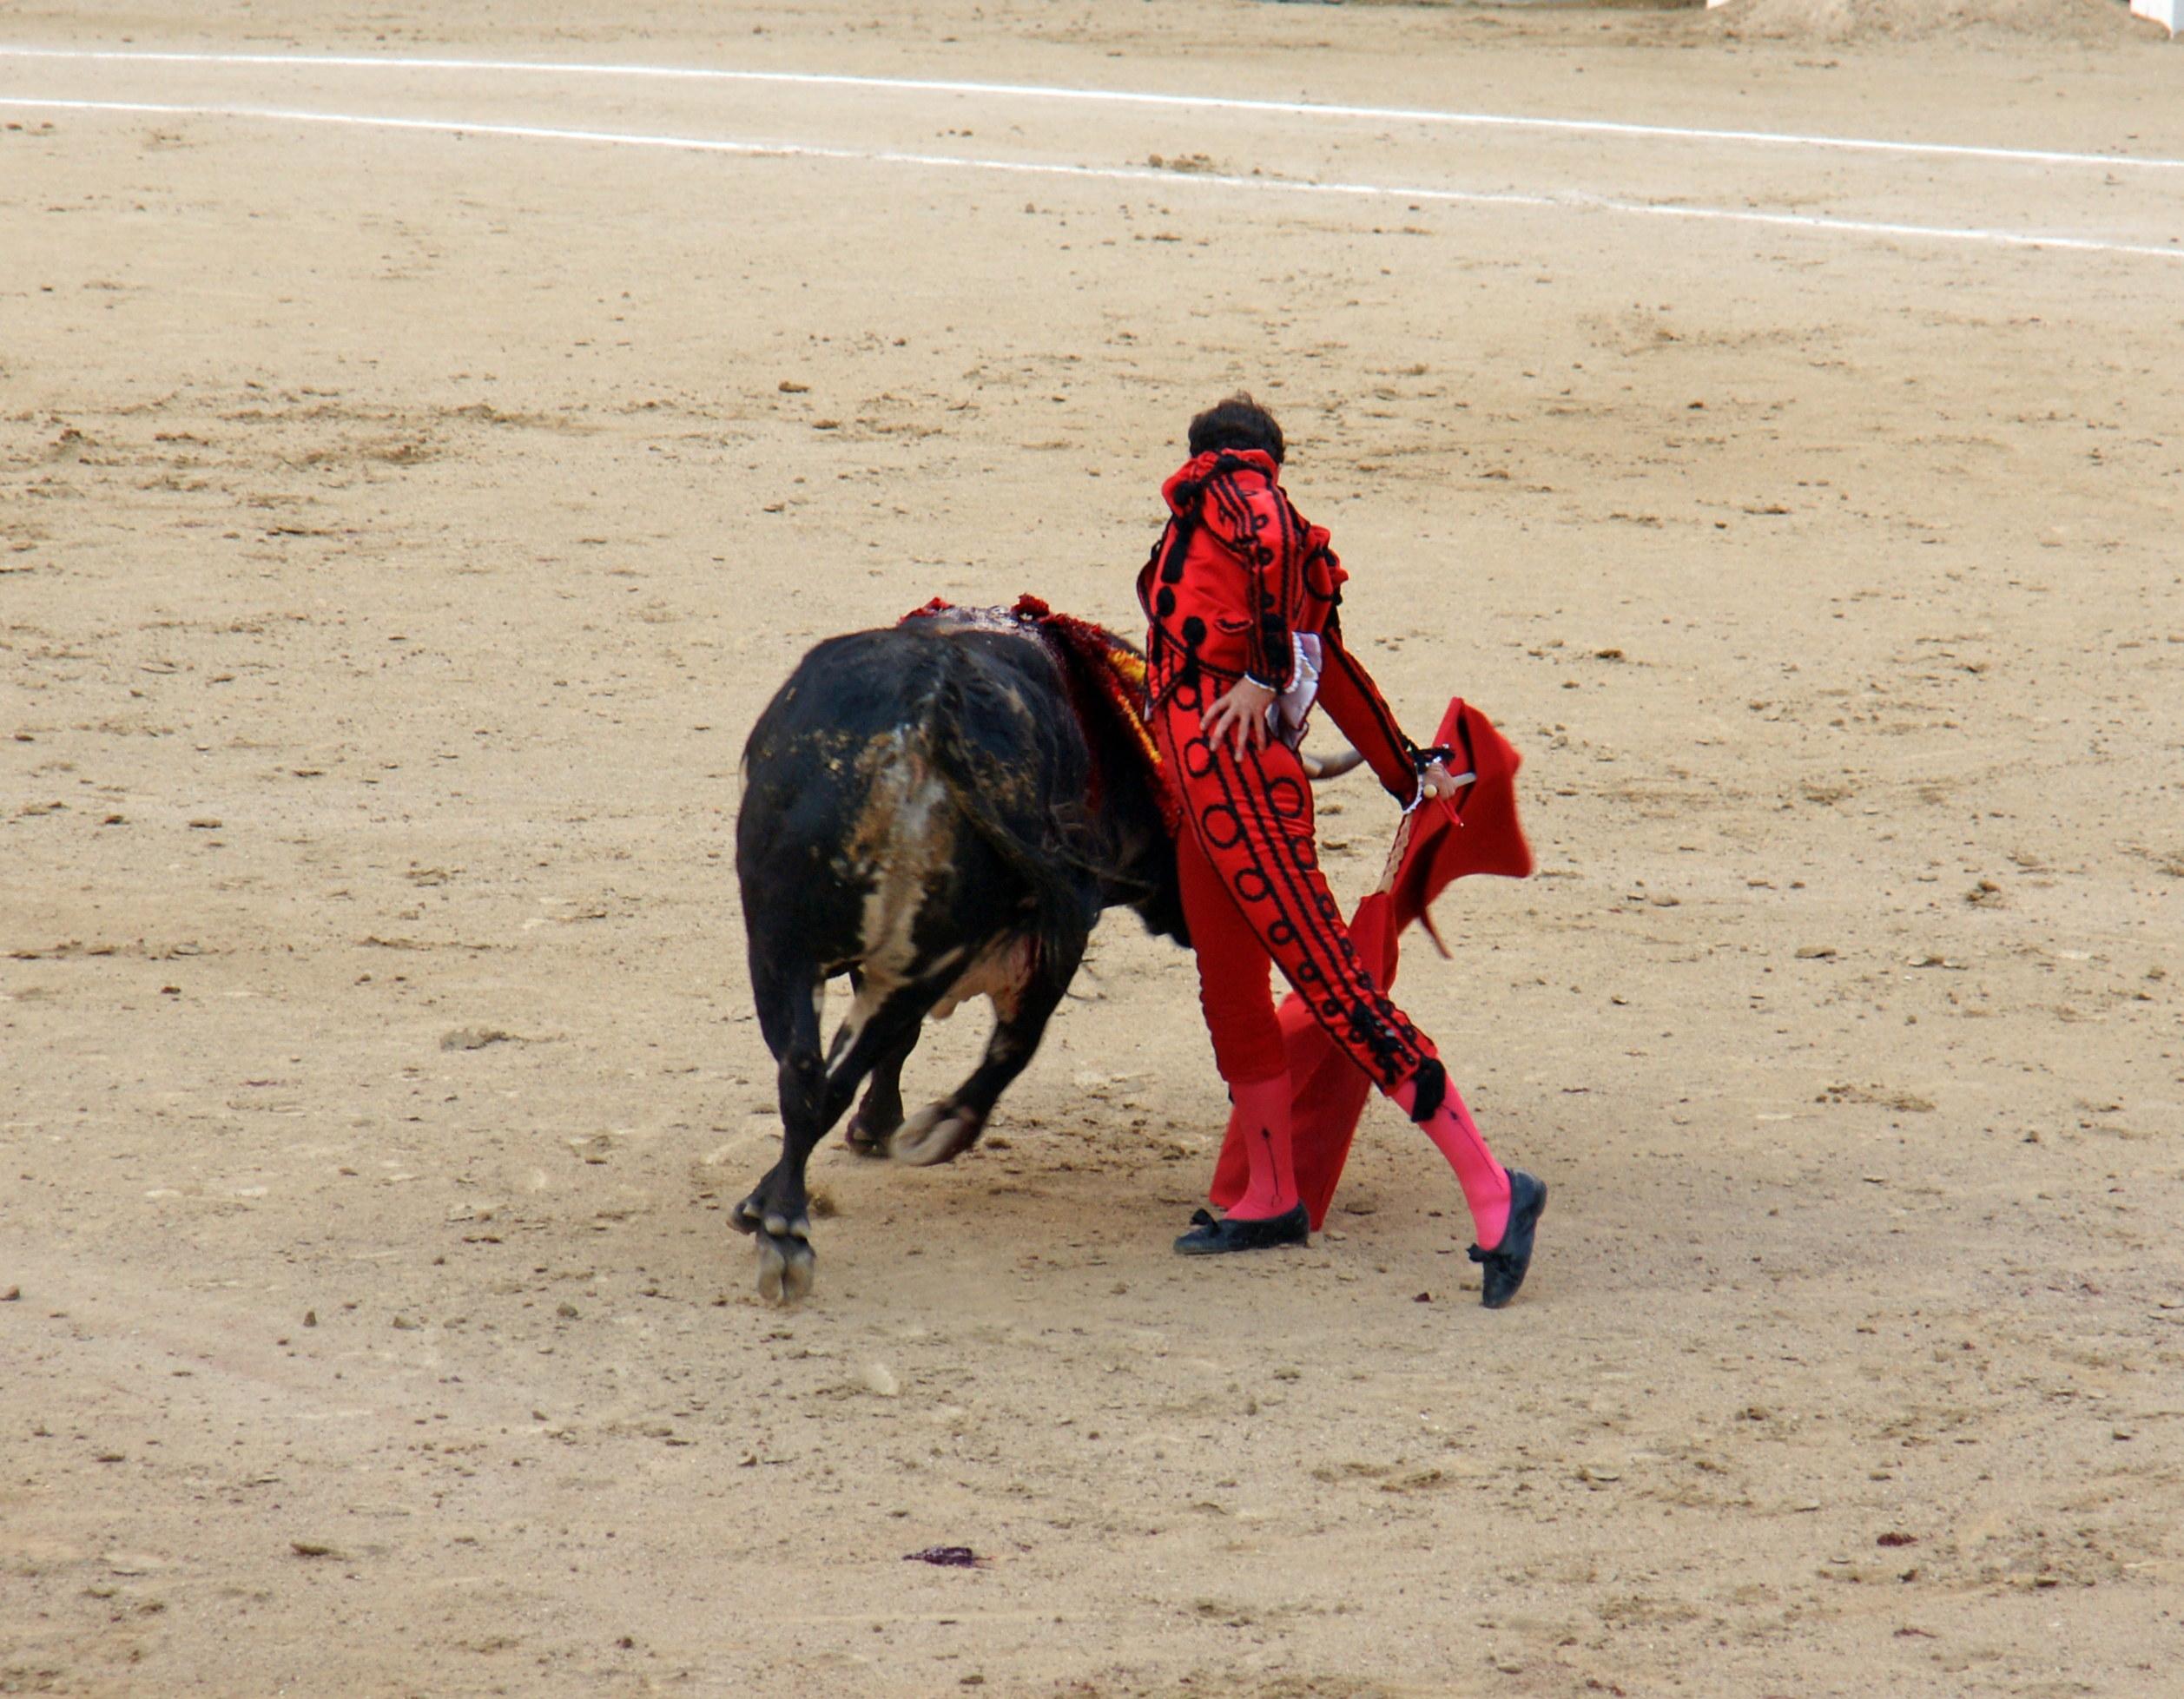 Tauromaquia-Matador-Gallery24